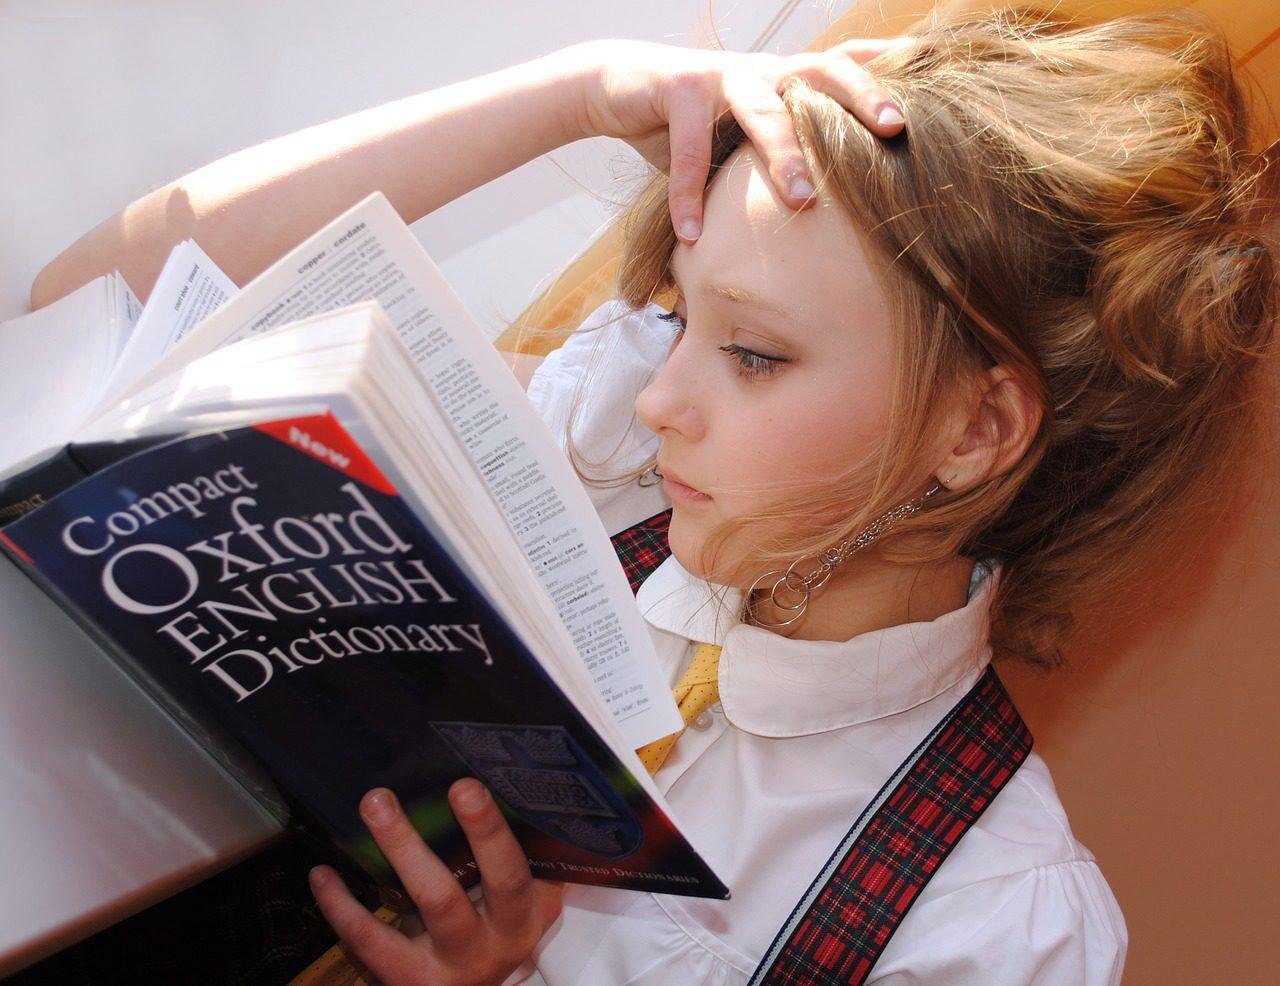 garota olhando dicionário de inglês